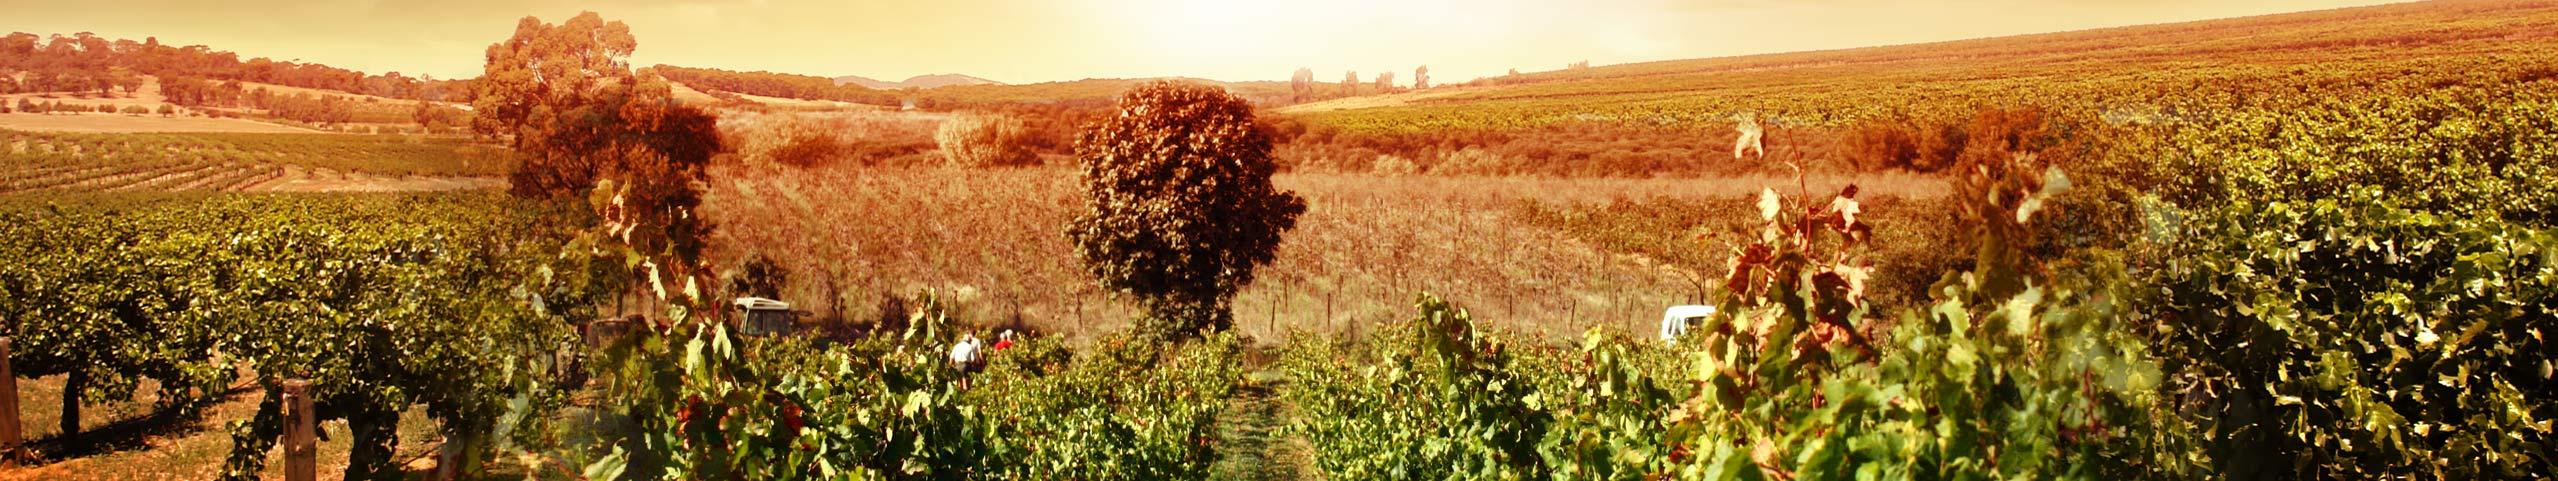 paysage-montblanc-domaine-des-amiels-vigneron-en-languedoc1